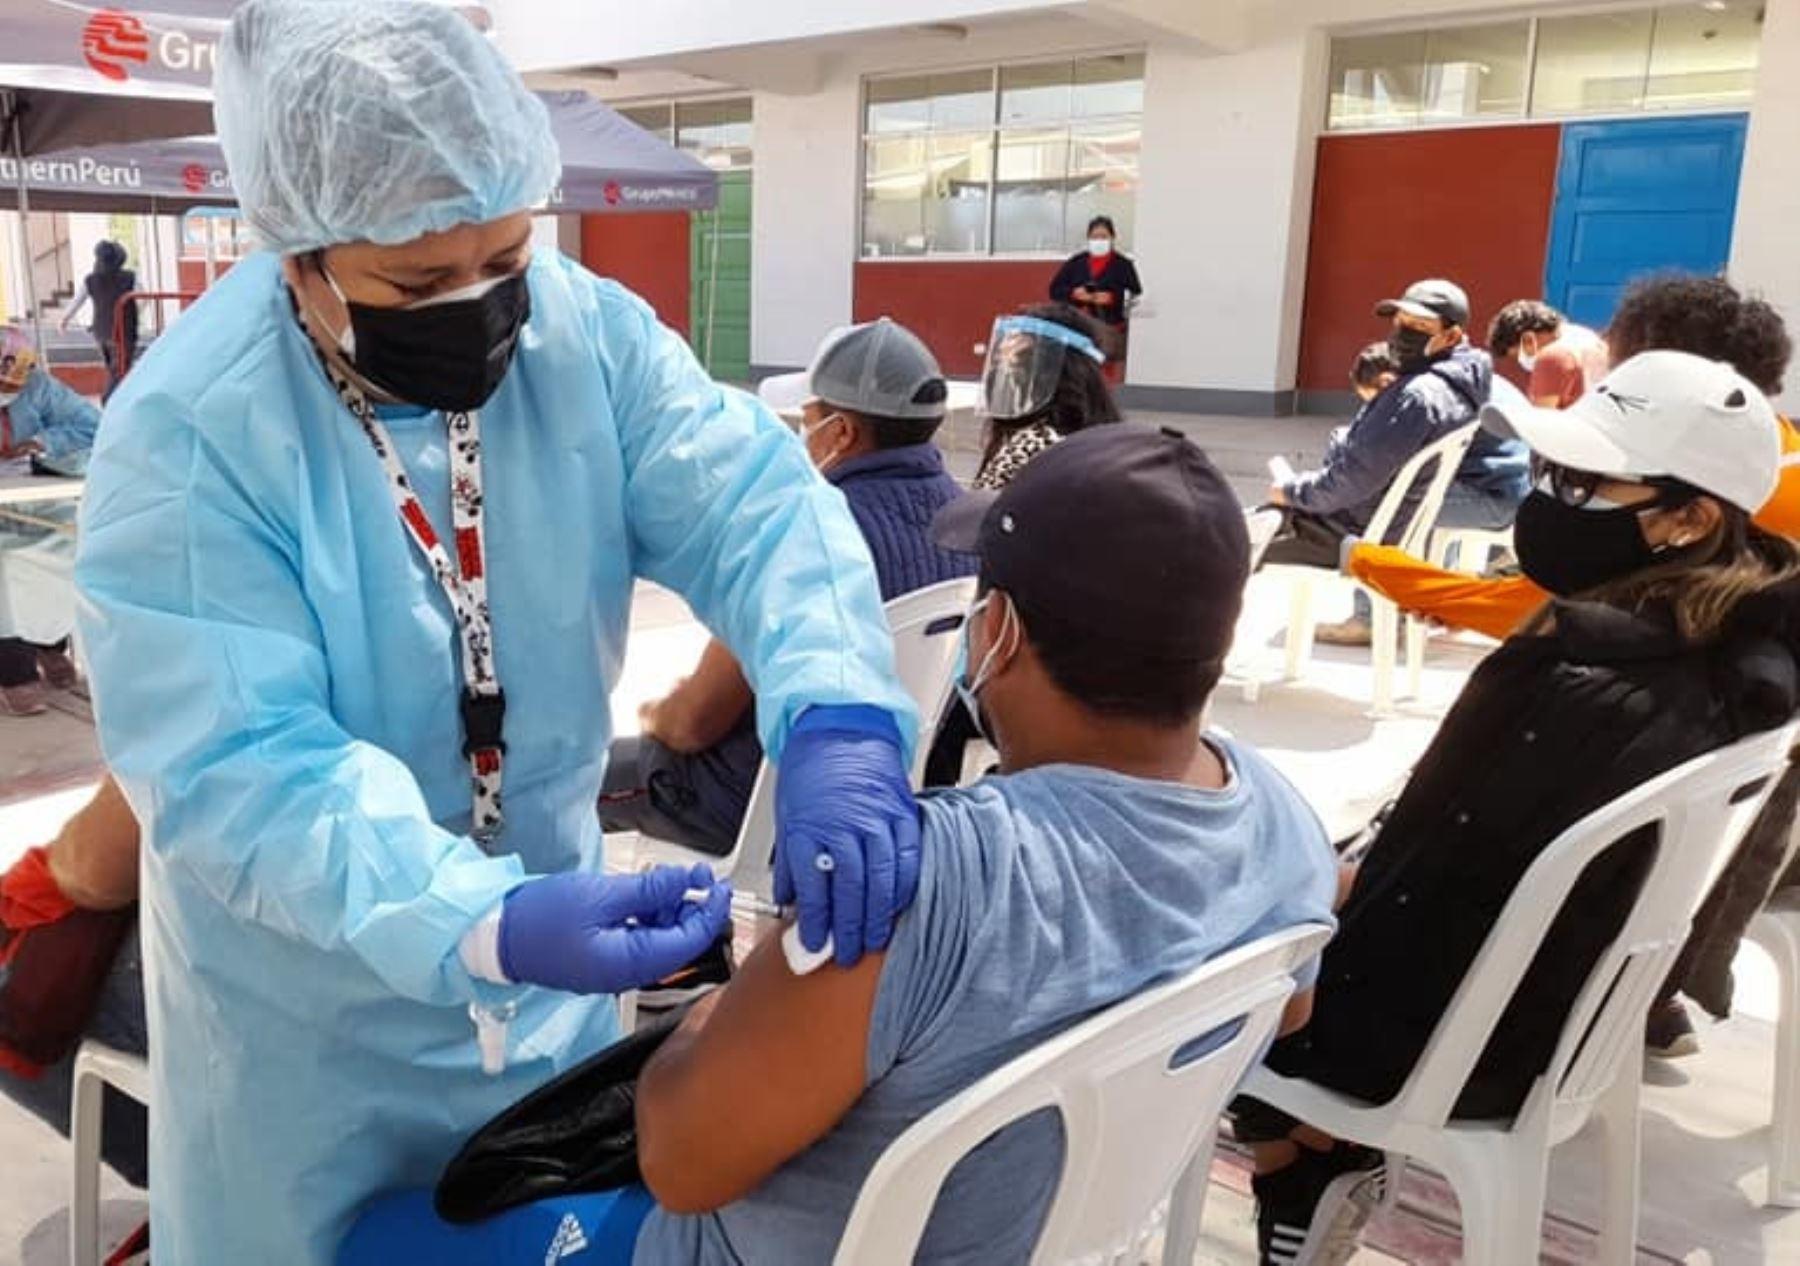 Moquegua inicia hoy Vacunatón dirigido a jóvenes de 18 años a más de las tres provincias de esa región y continuará aplicando la vacuna contra el covid-19 a estudiantes universitarios. Foto: ANDINA/difusión.